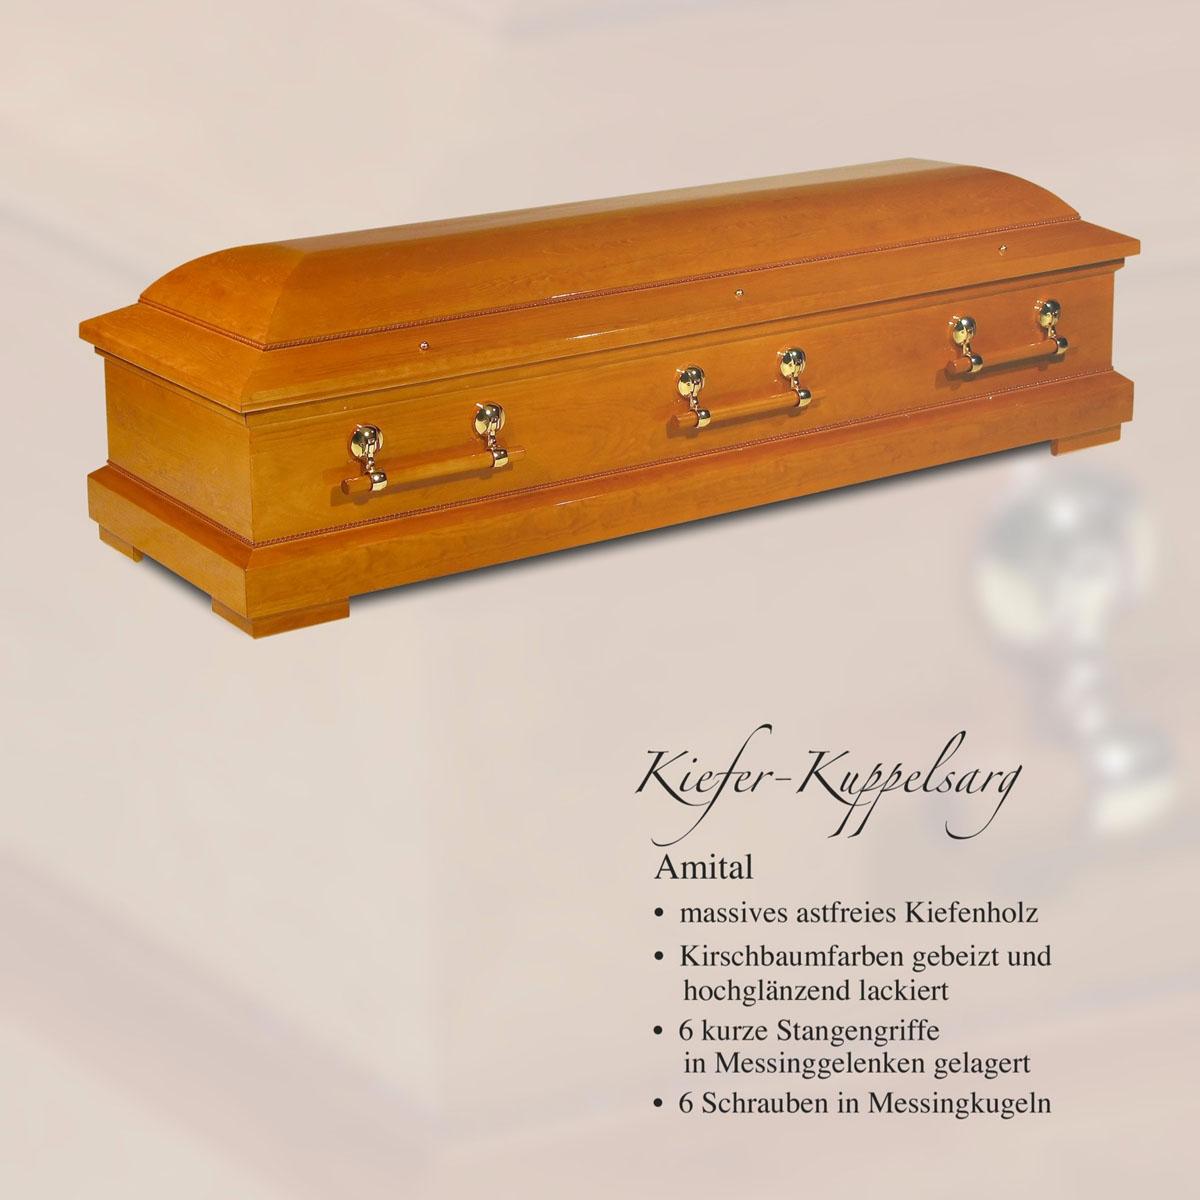 Greve-Bestattungen-Sargauswahl5